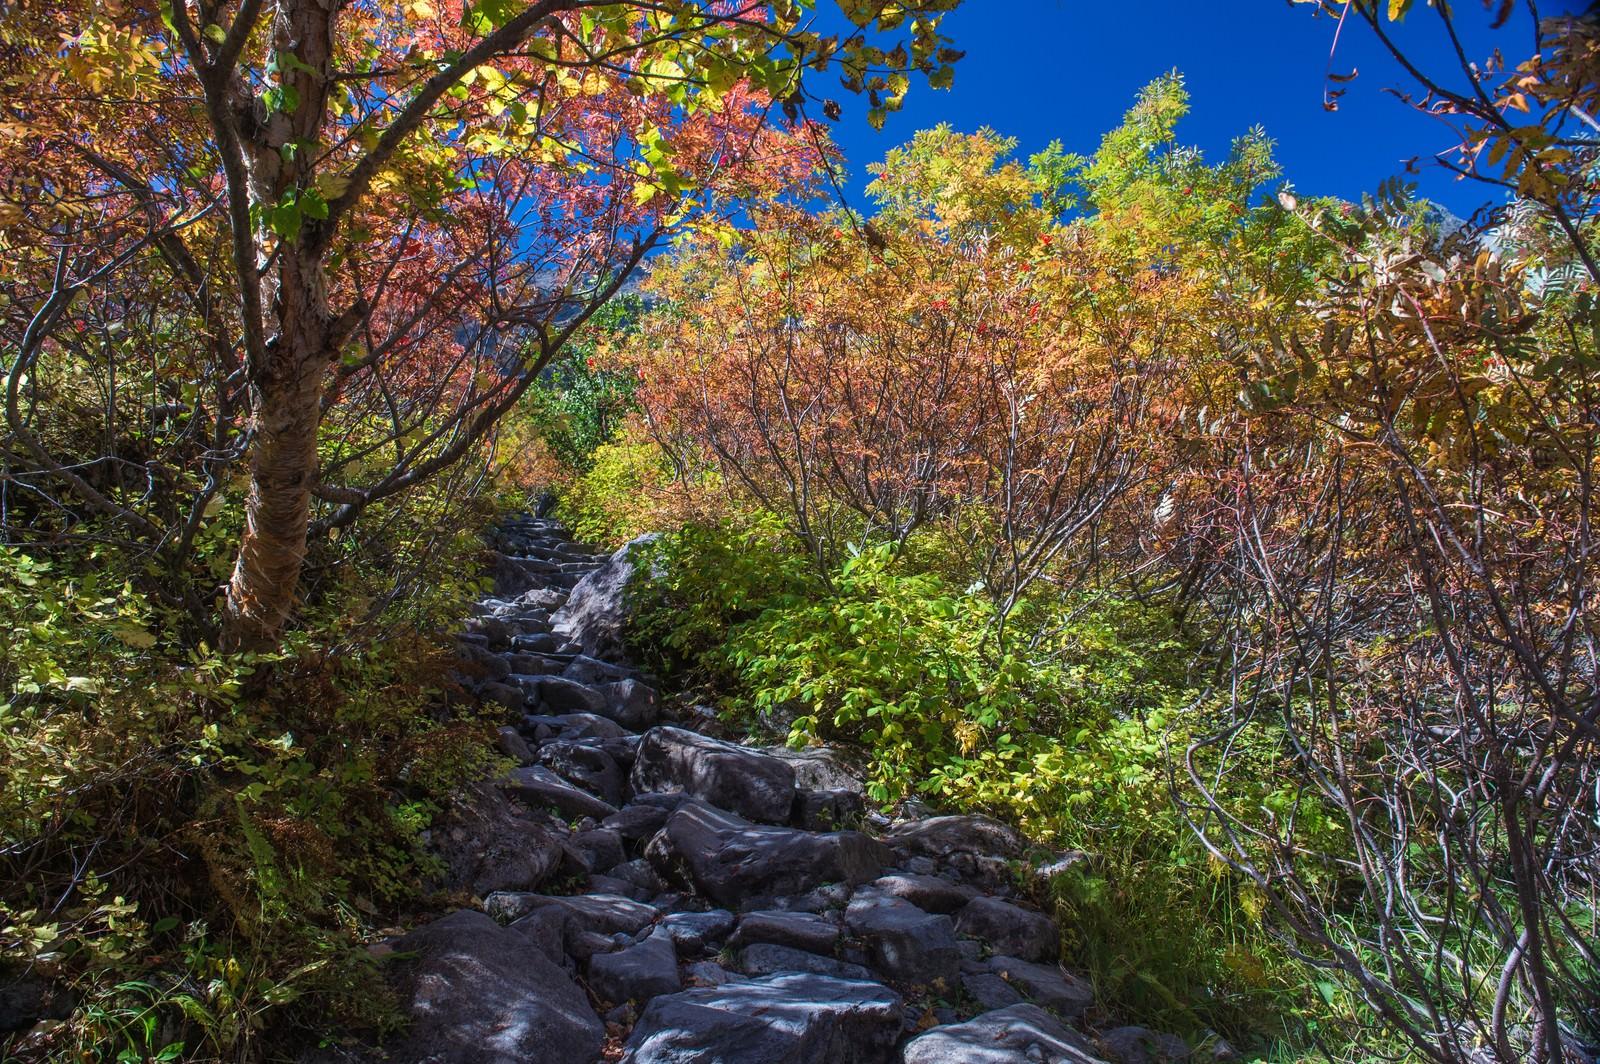 「色彩のトンネルを歩いた先にある涸沢カール」の写真